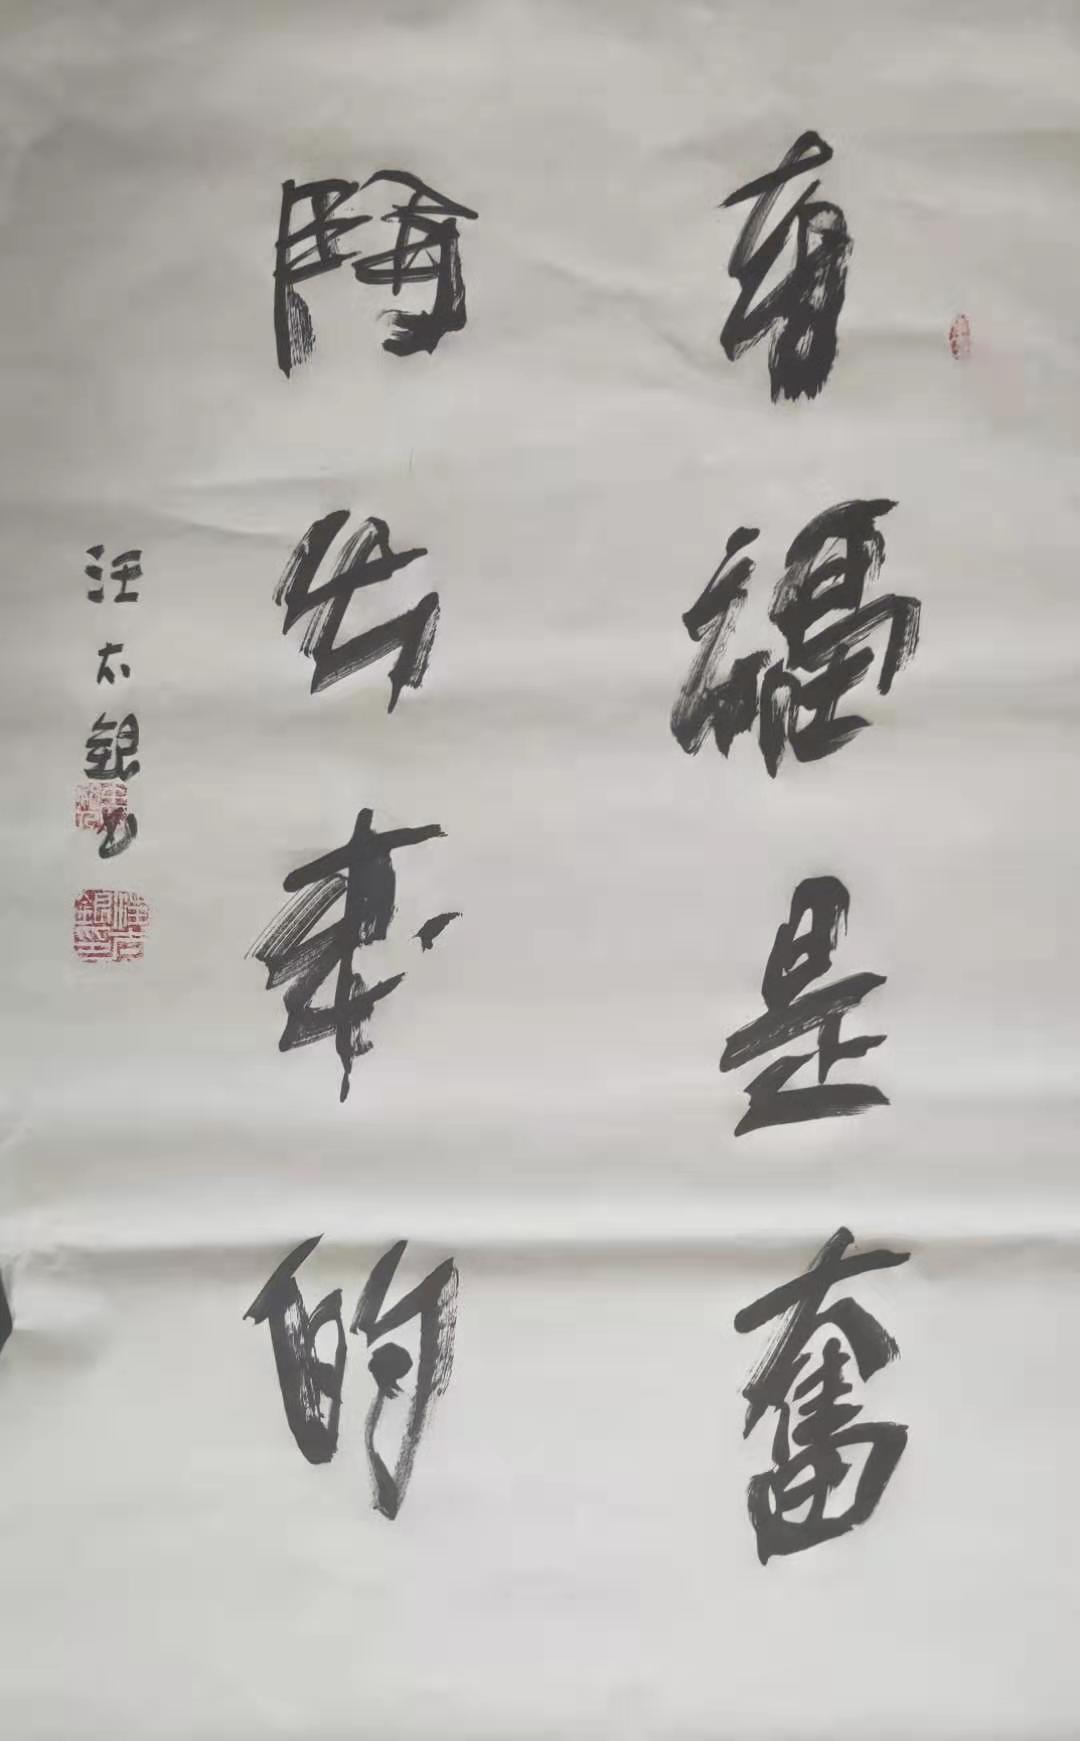 中国好人汪太银说:一定要相信